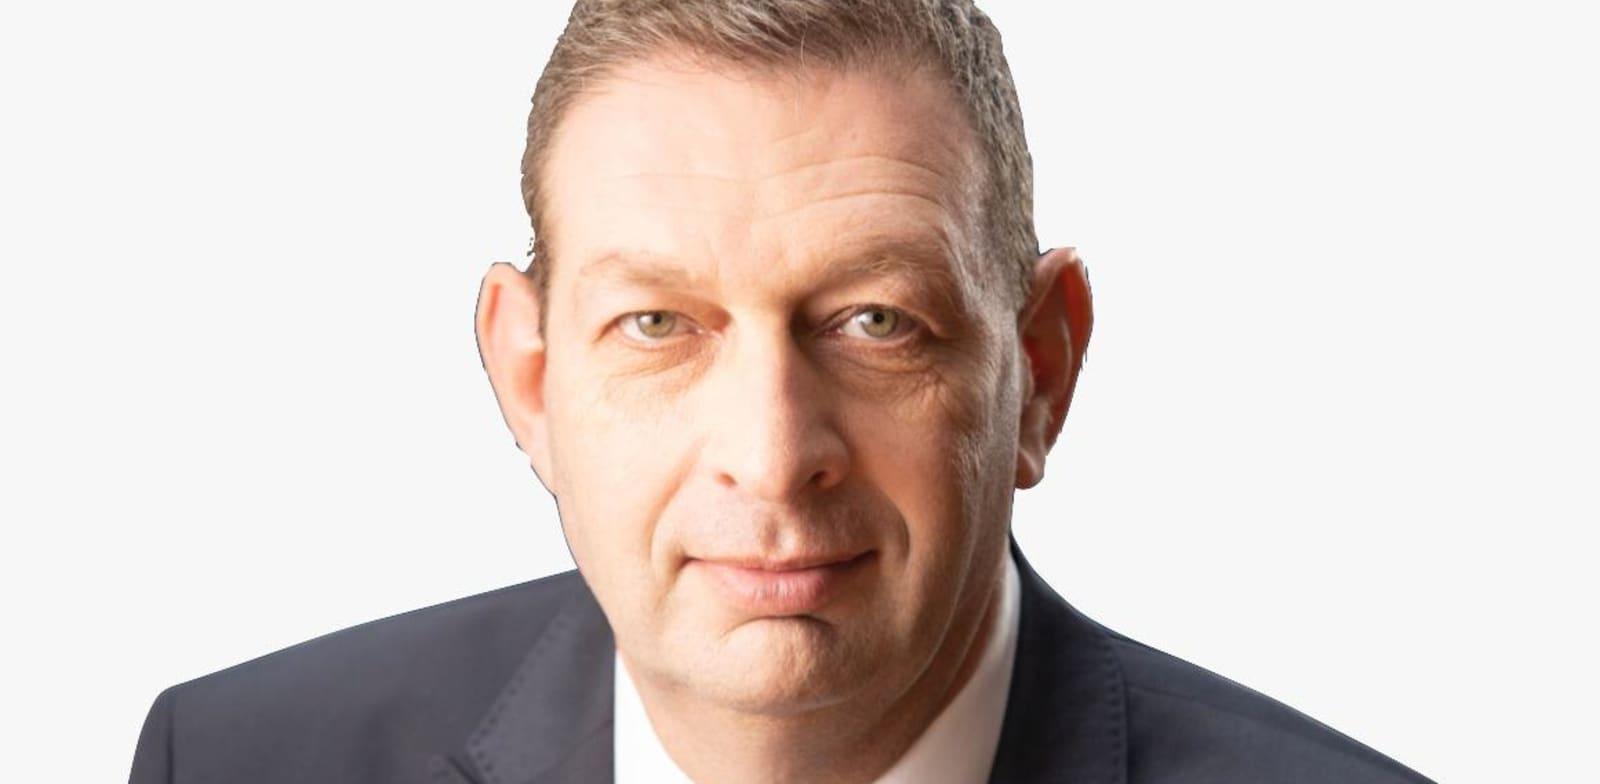 בועז מולדבסקי, נשיא הבורסה ליהלומים / צילום: אסף לוי